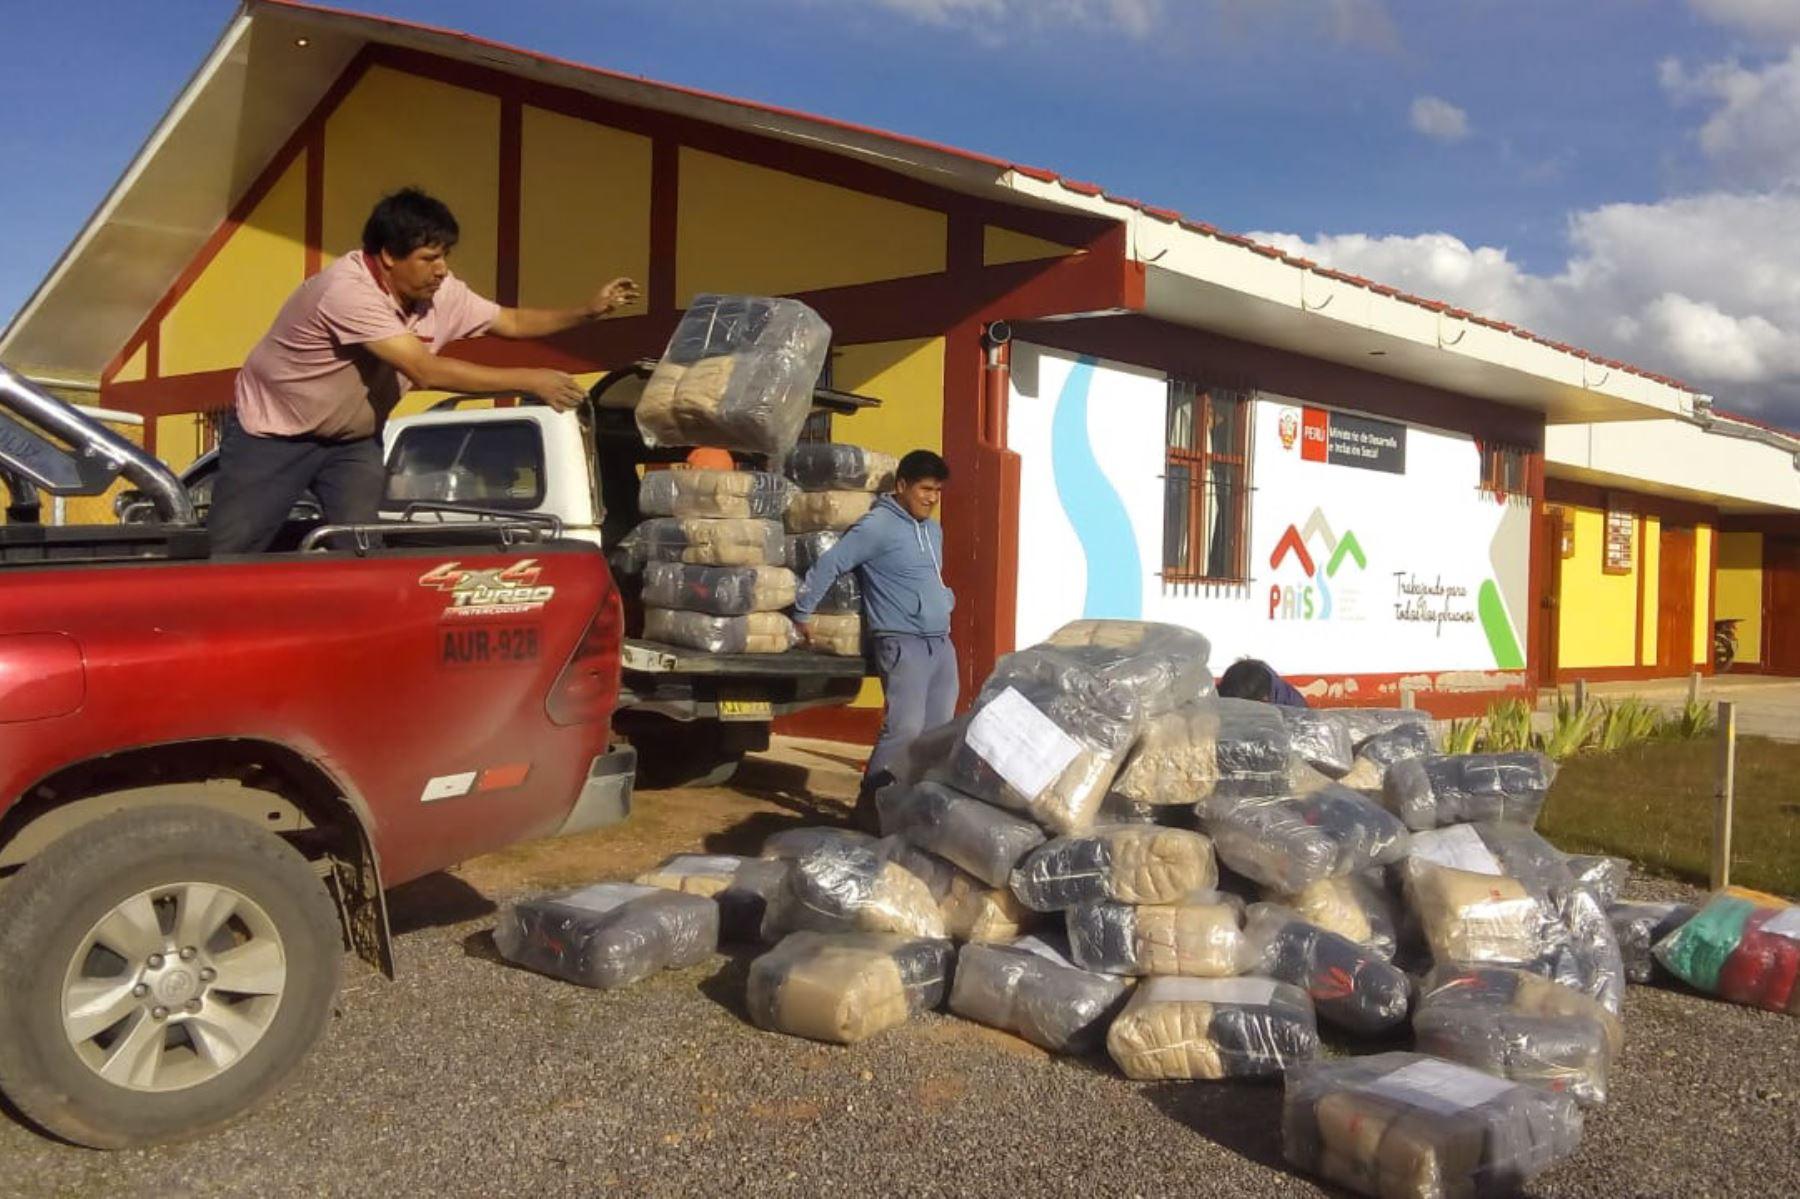 Tambos ubicados en las comunidades más alejadas de Moquegua, Tacna y Arequipa pueden ser usados como puntos de refugio y almacenes temporales ante emergencias por desastres naturales.